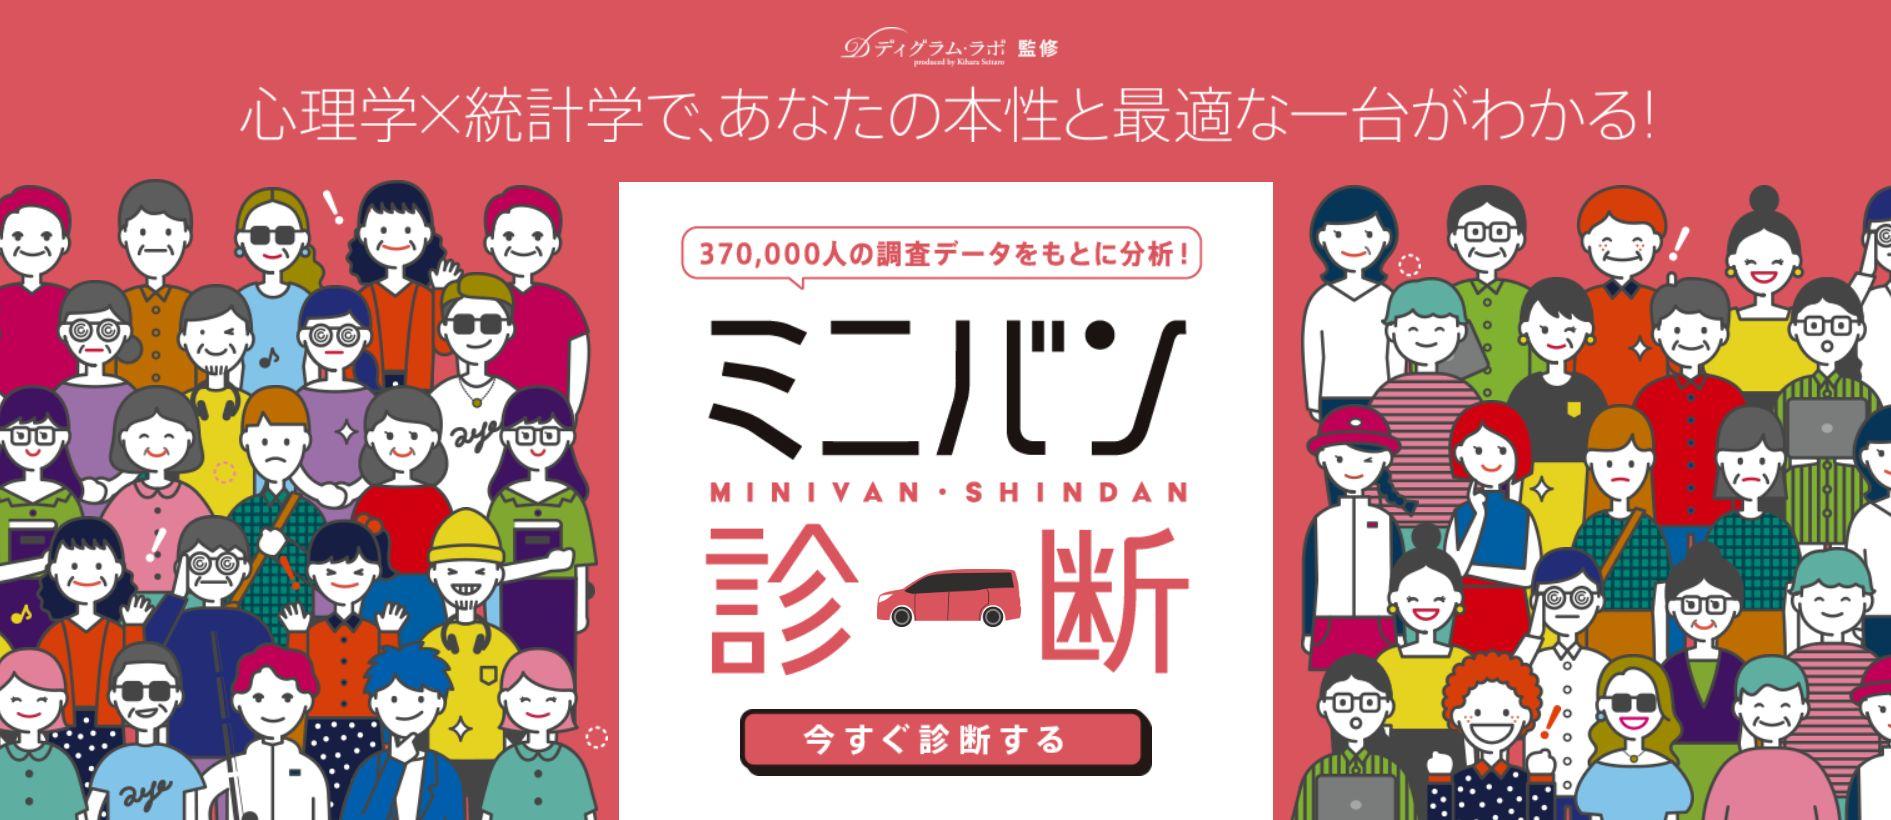 【ミニバン診断】トヨタ自動車とディグラムのコラボで誕生した「あなたの本性」と「最適なミニバン」を診断するWebテスト